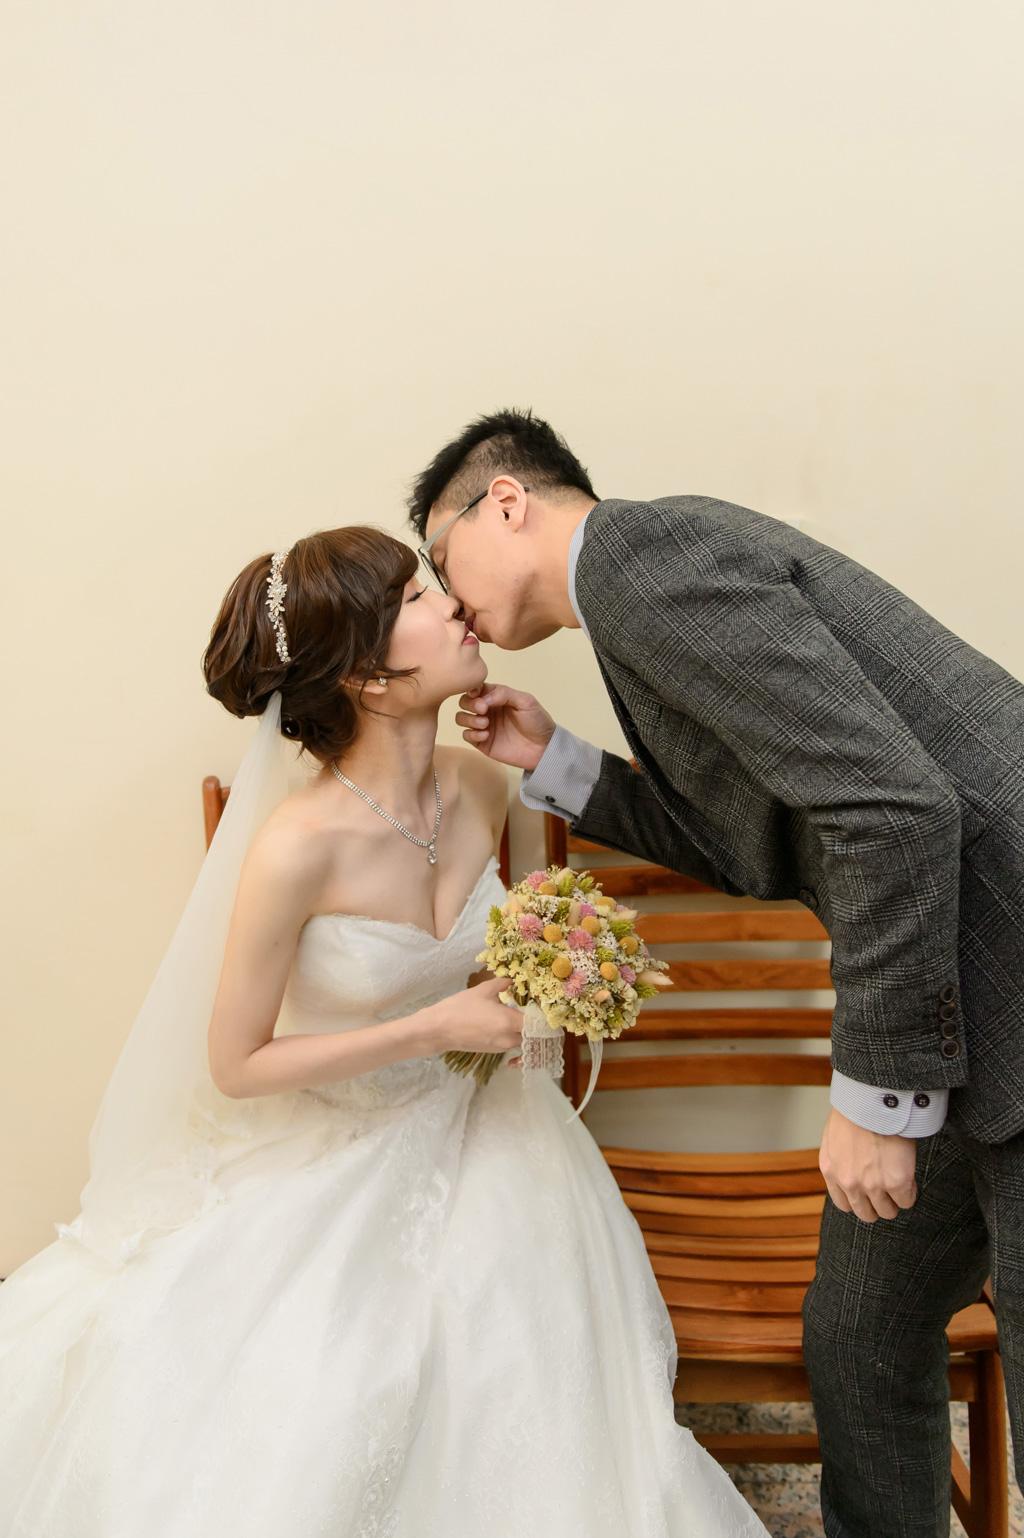 婚攝小勇, 小寶團隊, 綺色非凡彩妝造形工作室, 自助婚紗, 婚禮紀錄, 新竹喜來登,台北婚紗,wedding day-022